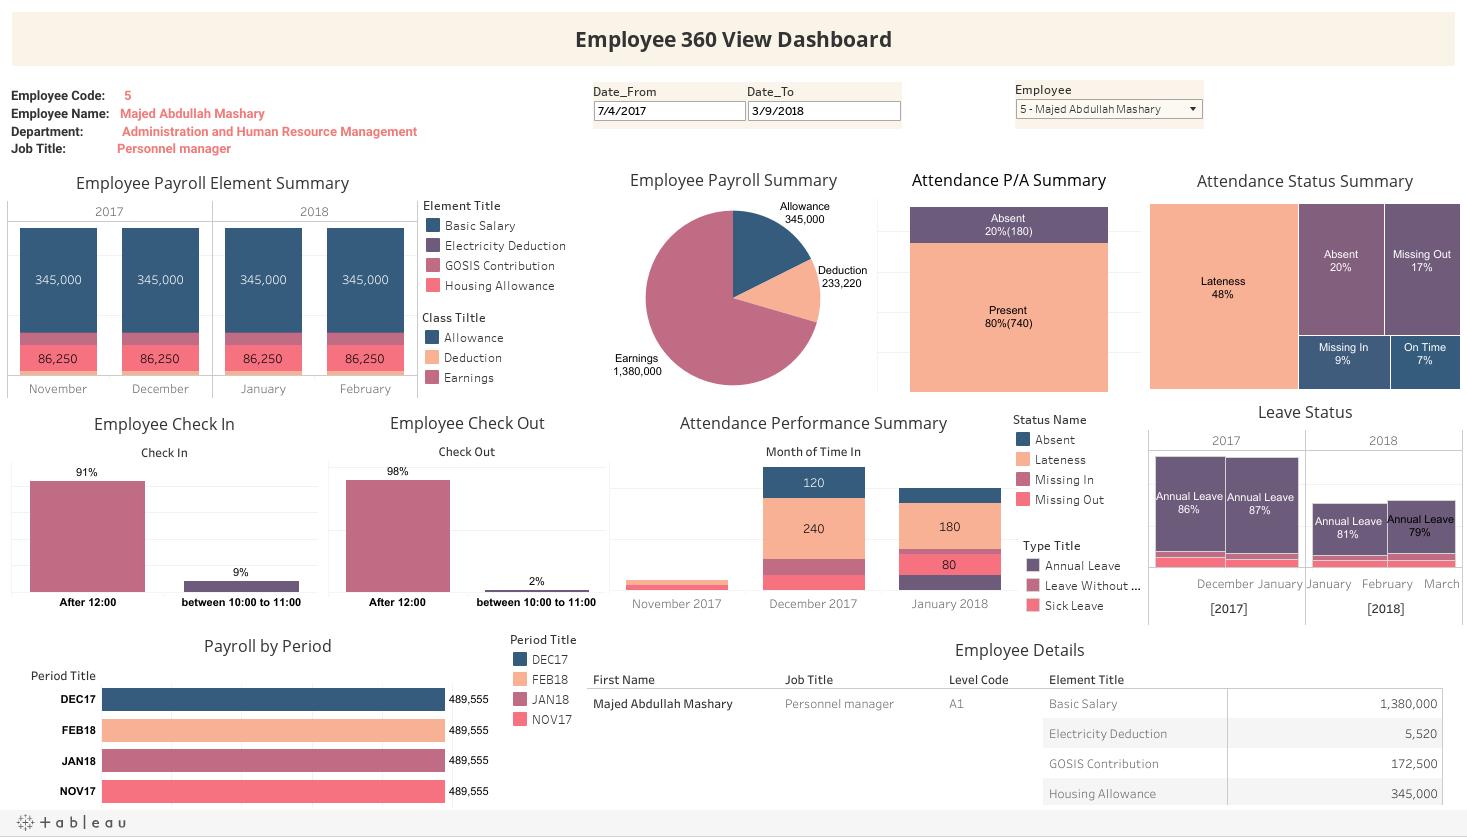 Employee 360 View Dashboard